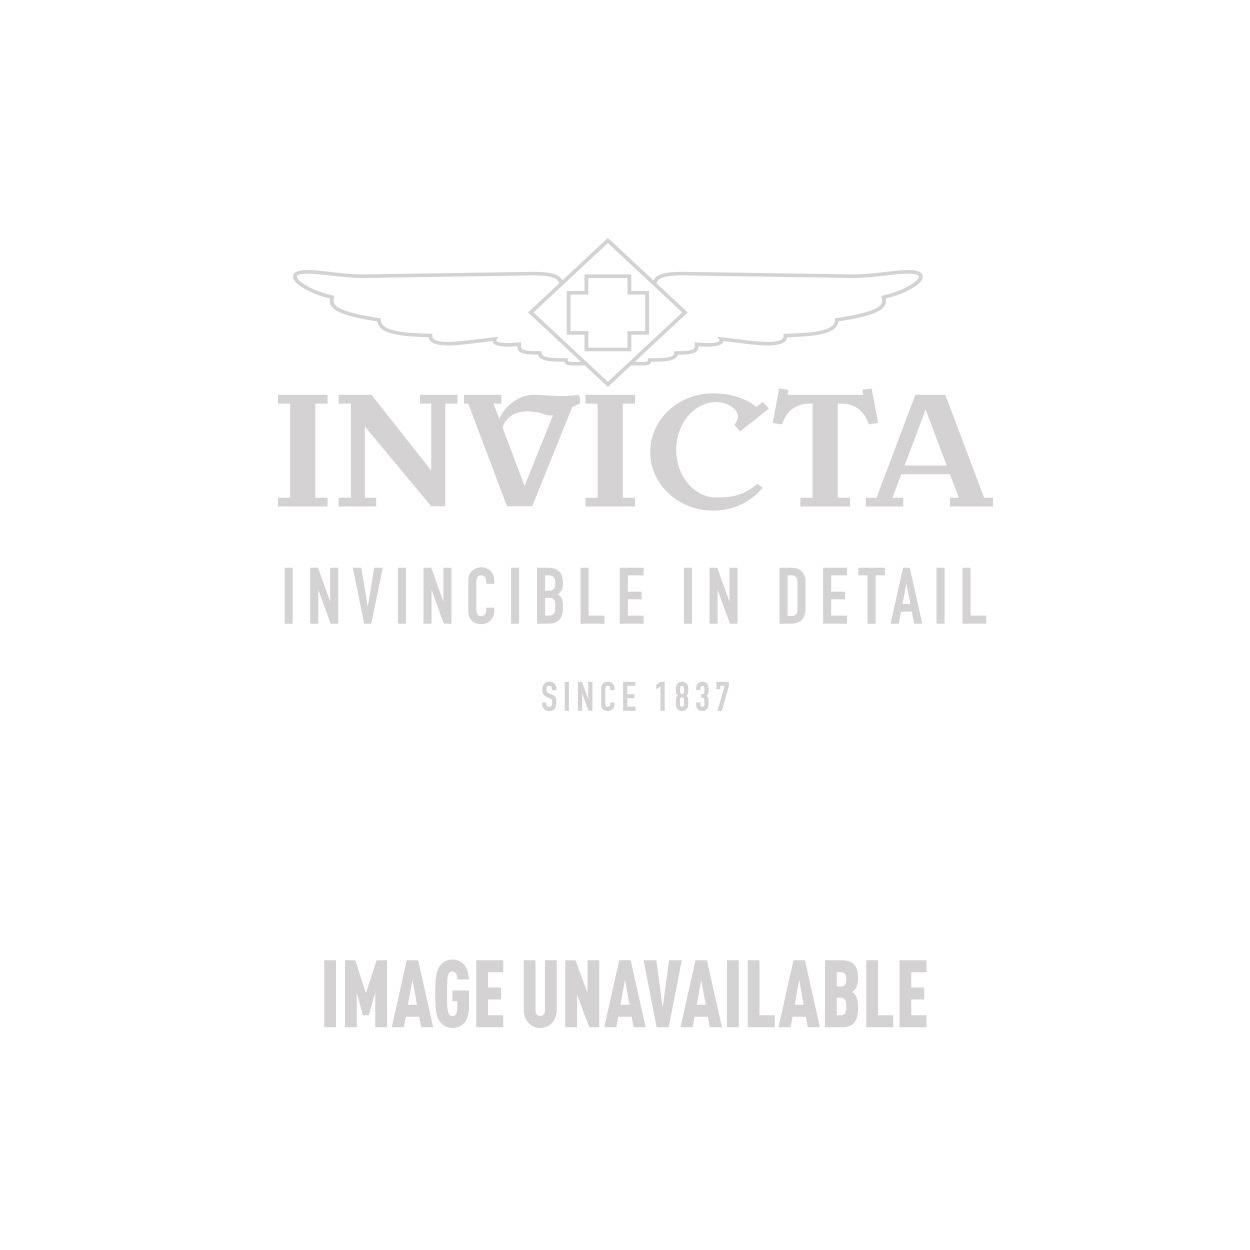 Invicta Model 27153